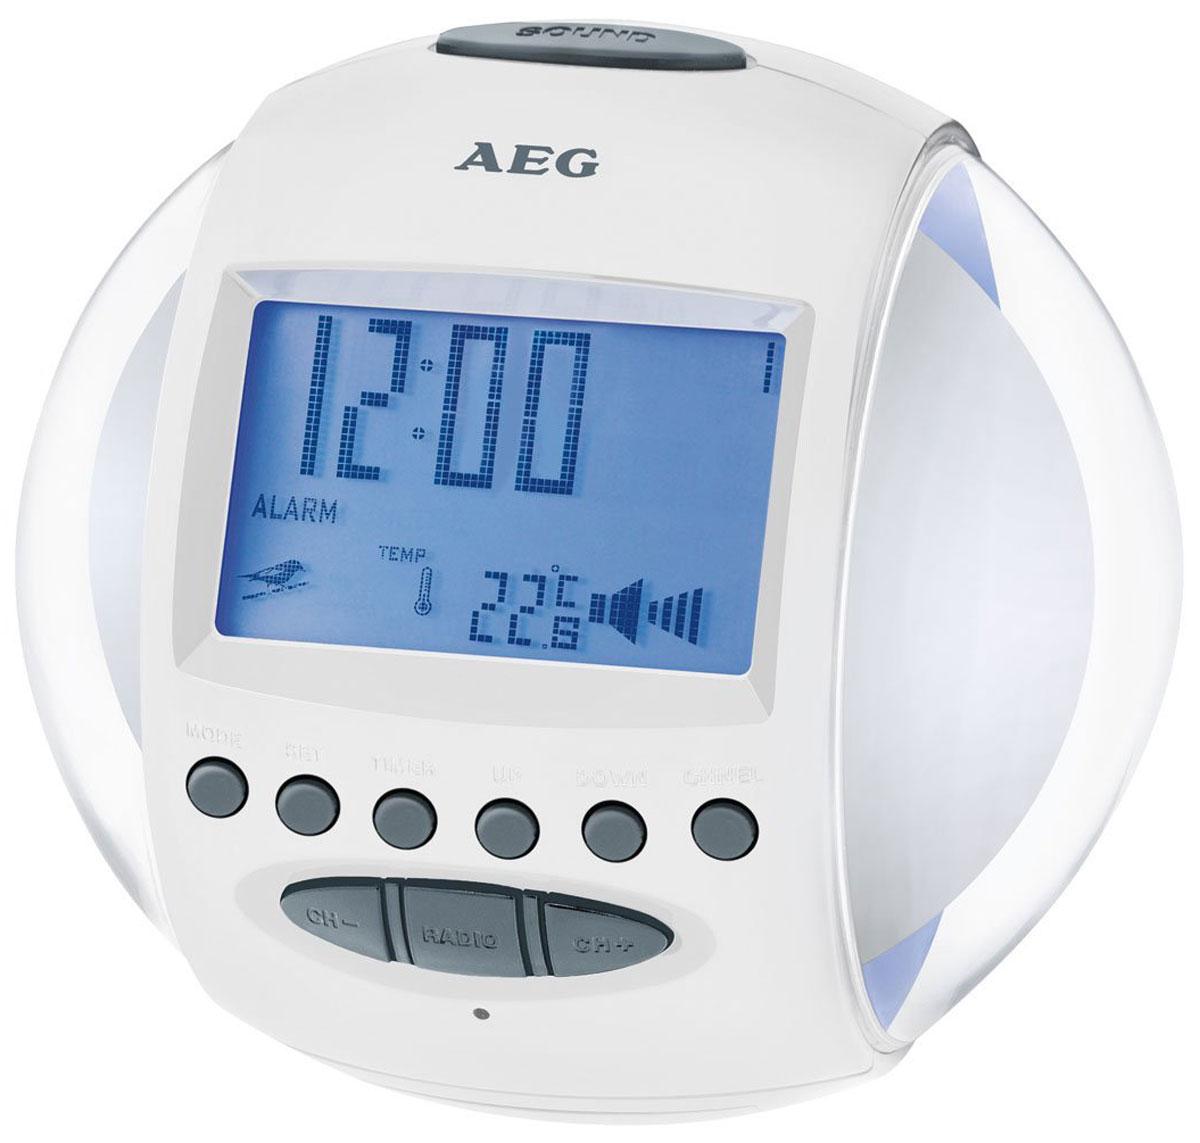 AEG MRC 4117, White радиочасыMRC 4117 weissFM –радиочасы AEG MRC 4117 со звуками природы и мелодиями, а также сменной подсветкой из 7 различных цветов, индикацией даты и температуры, настройкой громкости и таймером обратного отсчета непременно займут достойное место в интерьере вашего дома.FM-радиоприемник с 4 ячейками для запоминания радиостанцийДипольная антенна, цифровая индикация частоты2 будильника (3 возможности включения 1, 2 или 1+2)Сигнал будильника: радио, звуки природы, мелодия в сочетании со сменной подсветкой6 звуков природы и 5 мелодий по выбору, режим повтора сигнала будильникаСпящий режим (5-60 минут)